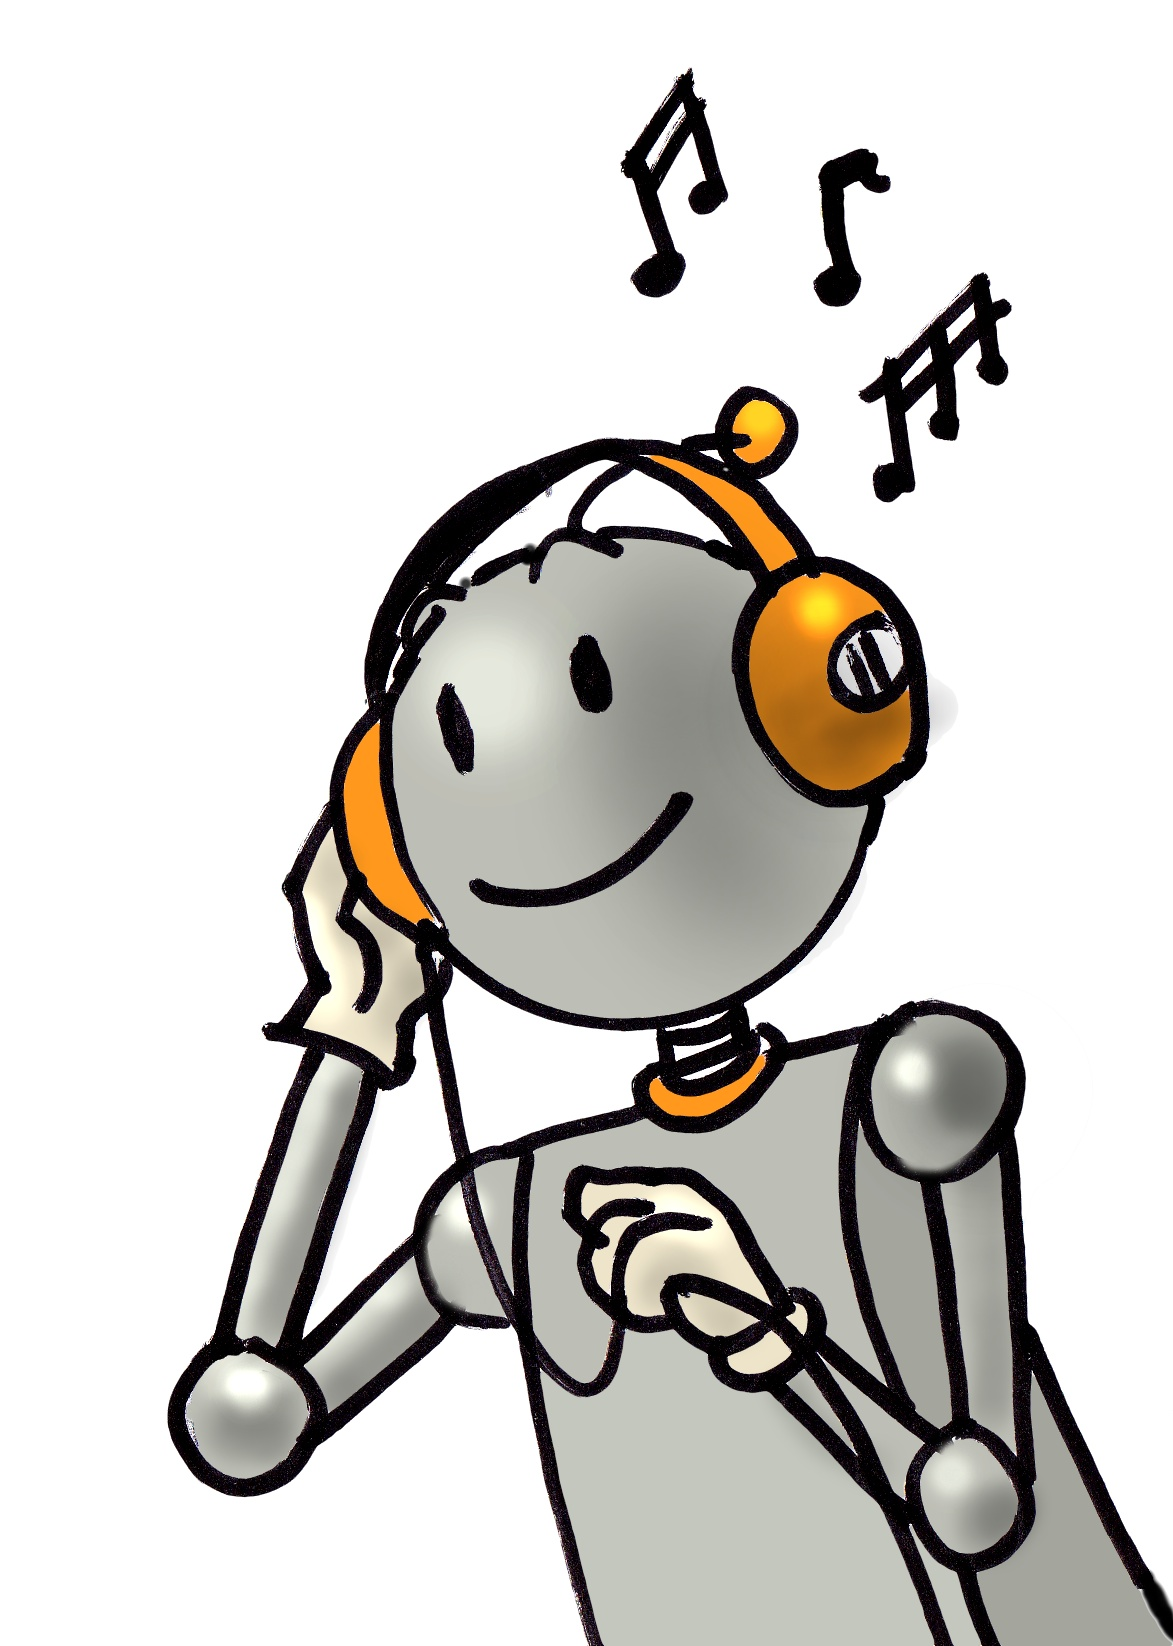 Images De Recherche Bout RobotsRésultats Gomme 3A54jLR